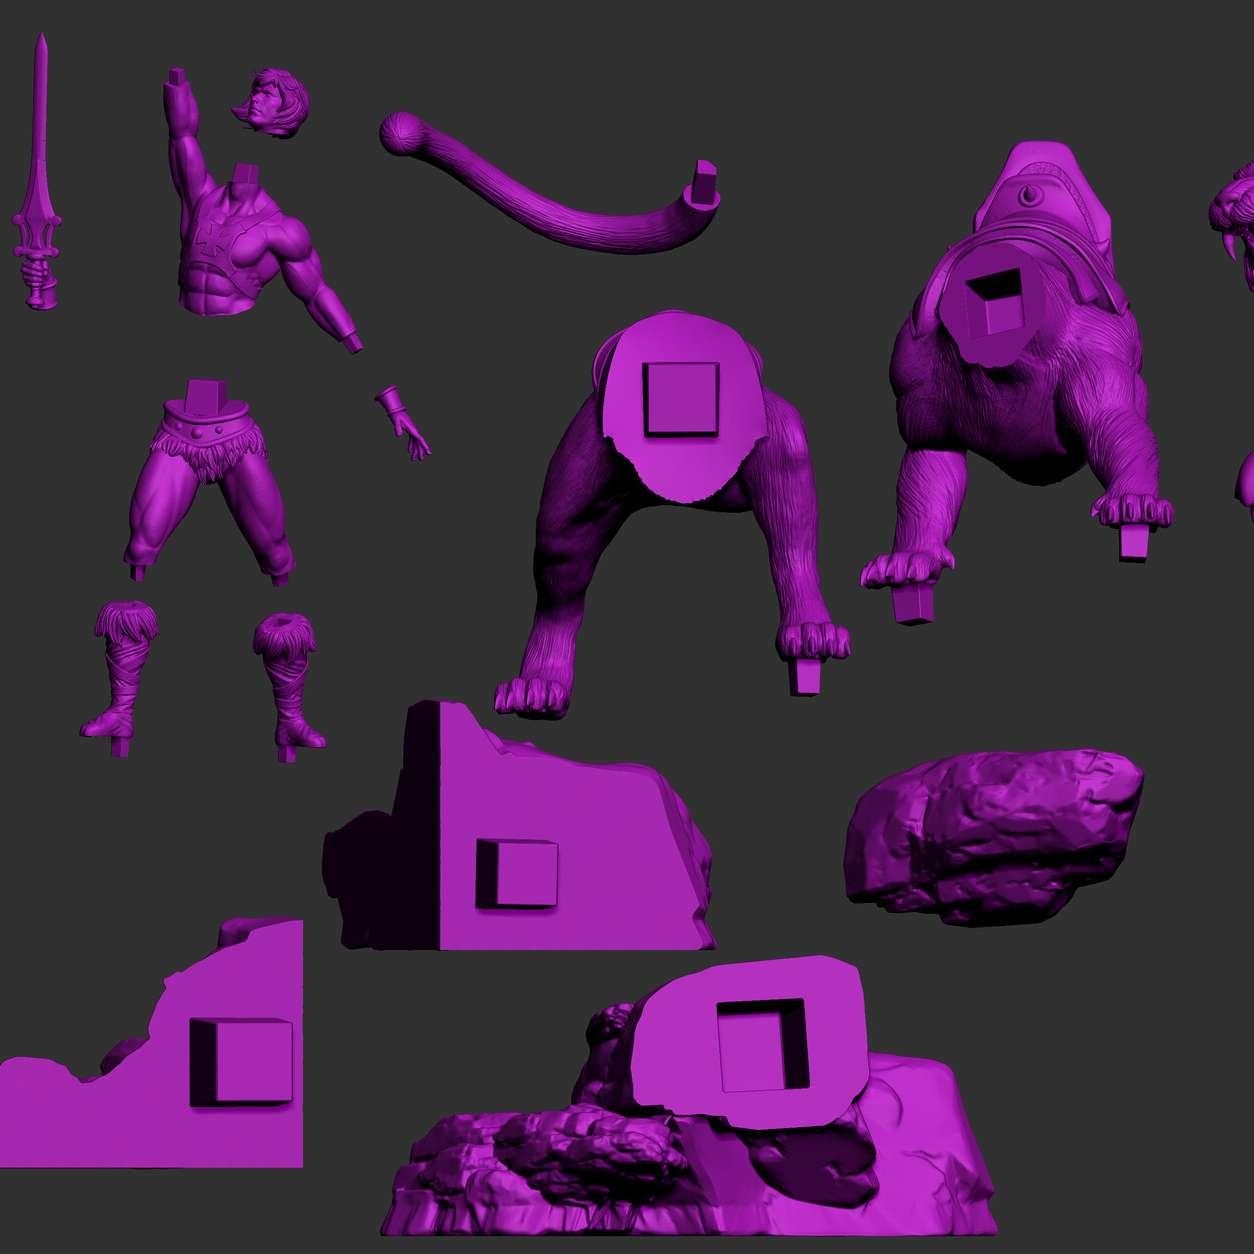 He-Man - File ready for printing 16 STL files ready for printing Model cut and prepared with plug-in pins for printing Height: 20cm - Os melhores arquivos para impressão 3D do mundo. Modelos stl divididos em partes para facilitar a impressão 3D. Todos os tipos de personagens, decoração, cosplay, próteses, peças. Qualidade na impressão 3D. Modelos 3D com preço acessível. Baixo custo. Compras coletivas de arquivos 3D.